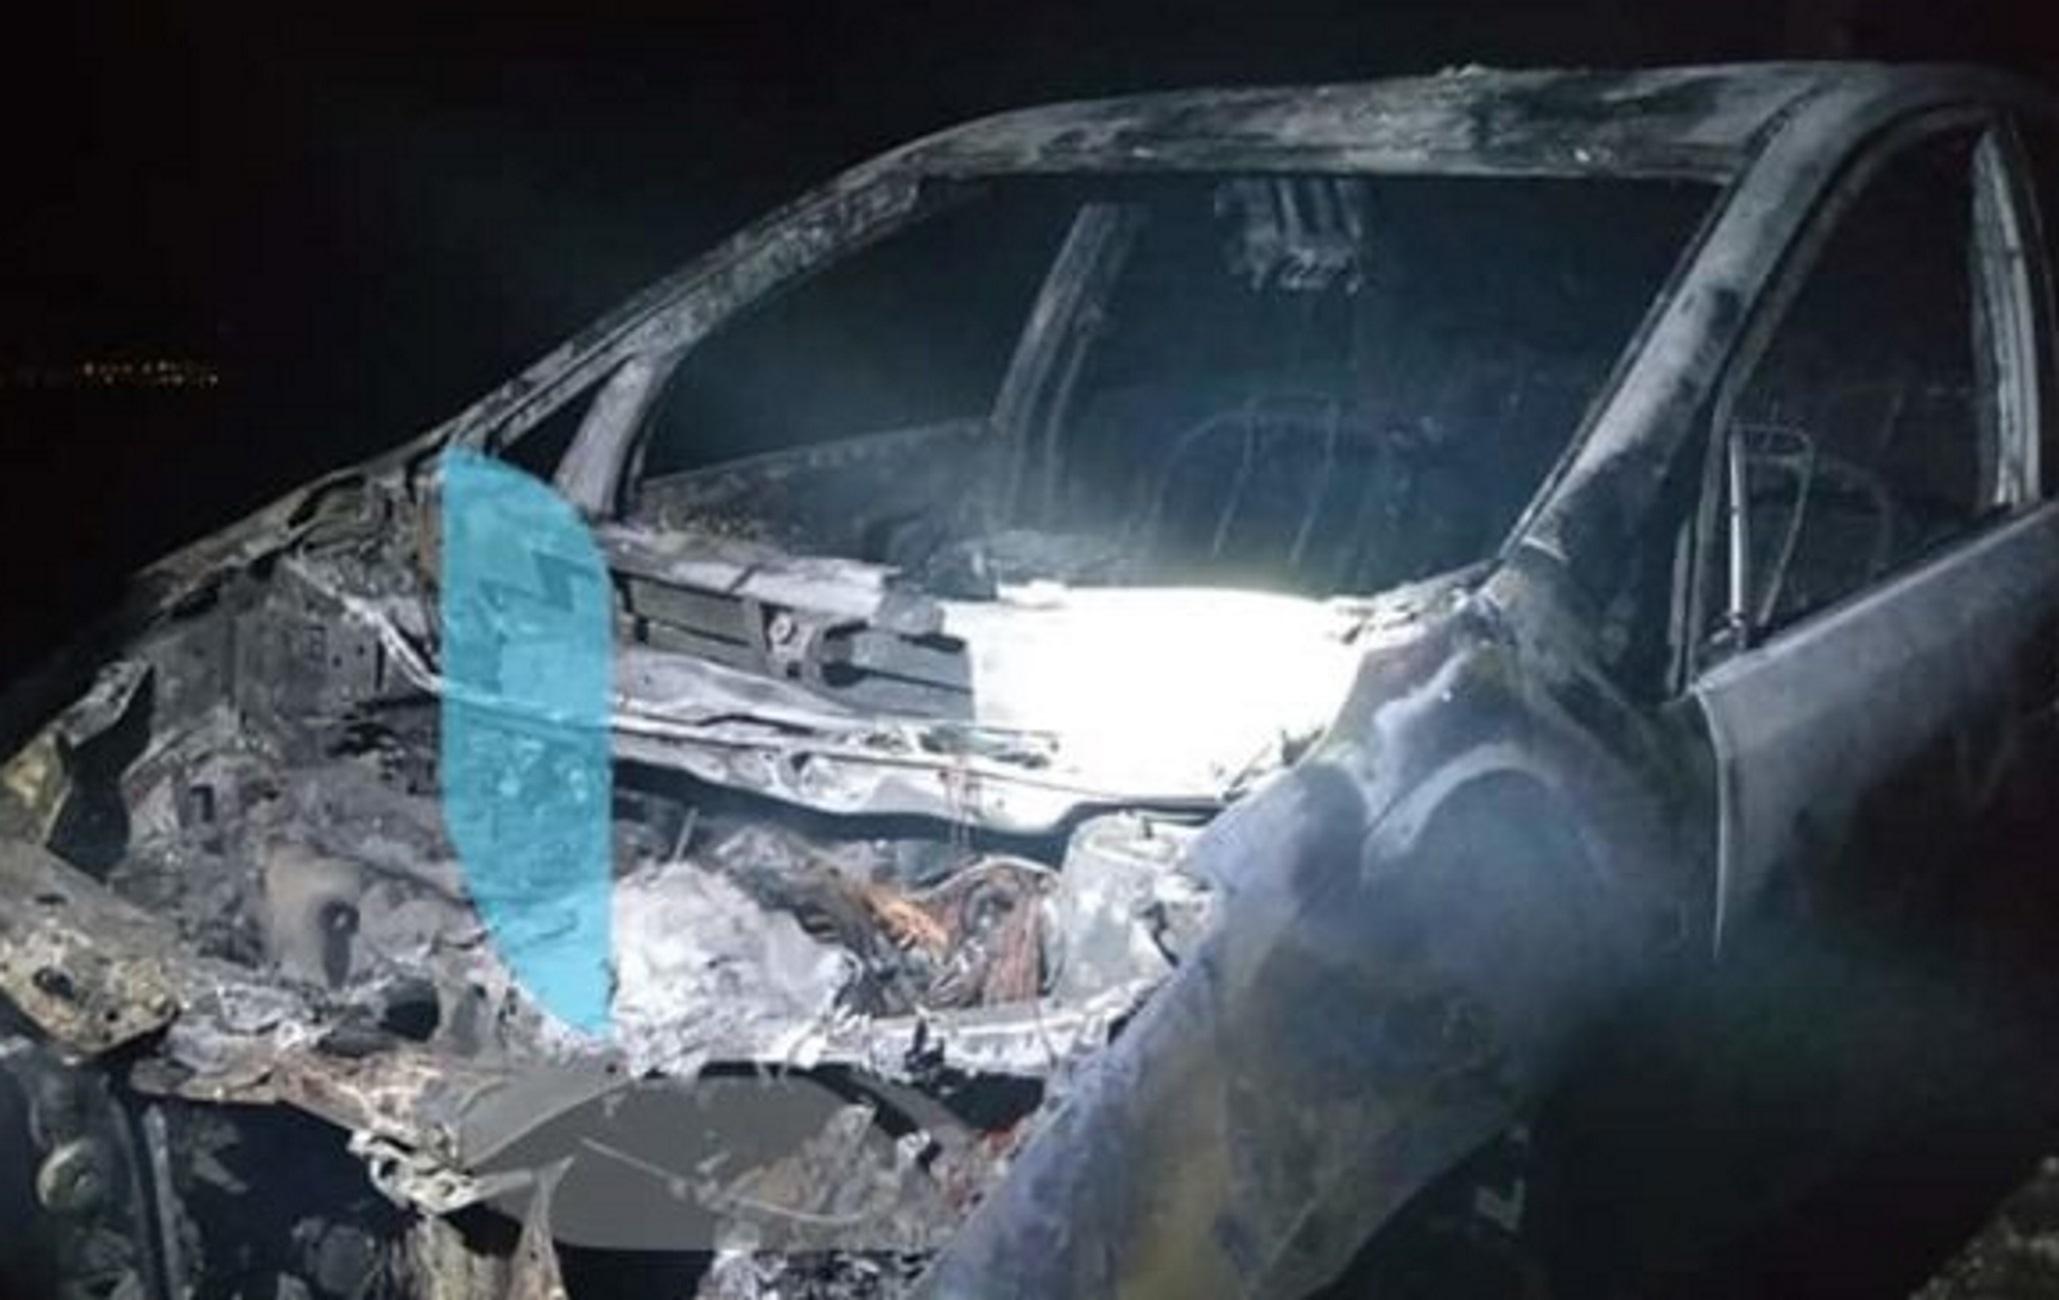 Λουτράκι: Φρίκη με δύο νεκρούς σε διαμέρισμα! Βρέθηκε καμένο το υβριδικό αυτοκίνητο της άτυχης γυναίκας (Φωτό)